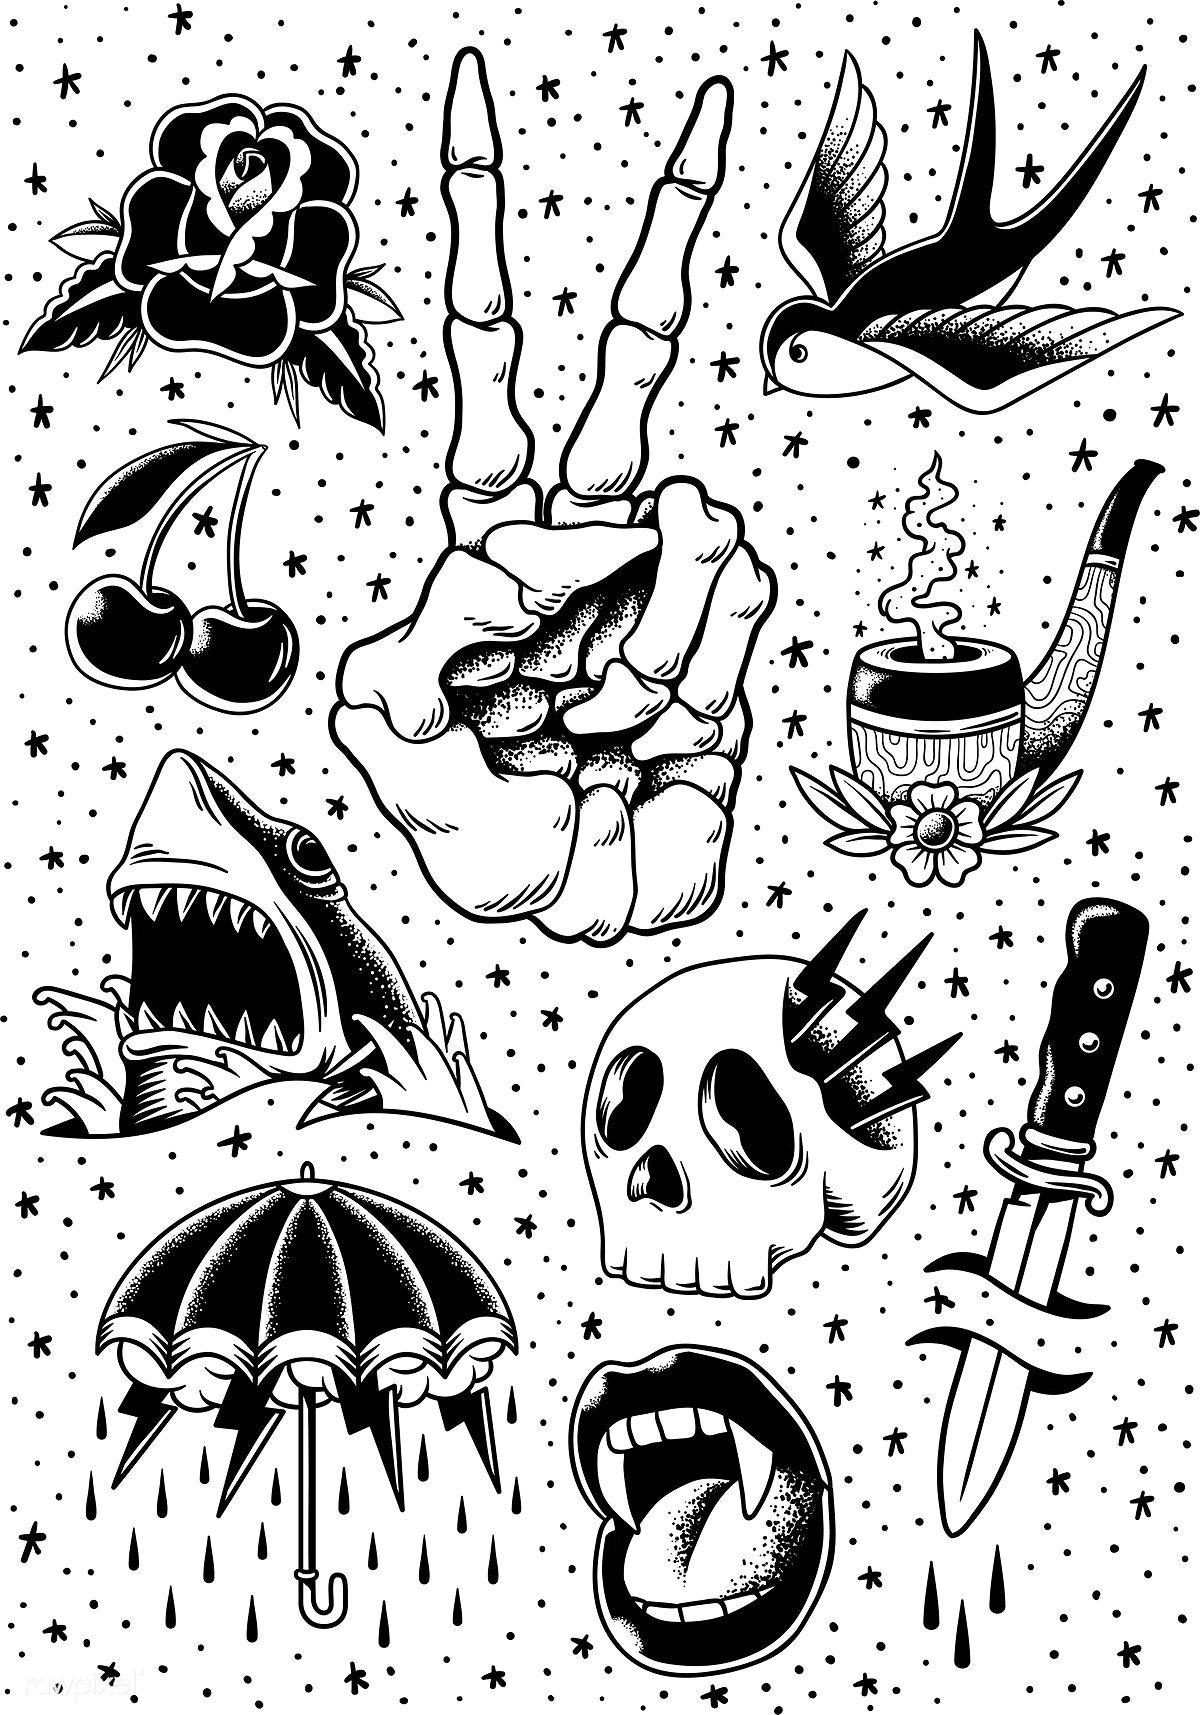 Free Image By Rawpixel Com Tattoo Flash Art Traditional Tattoo Art Tattoo Drawings